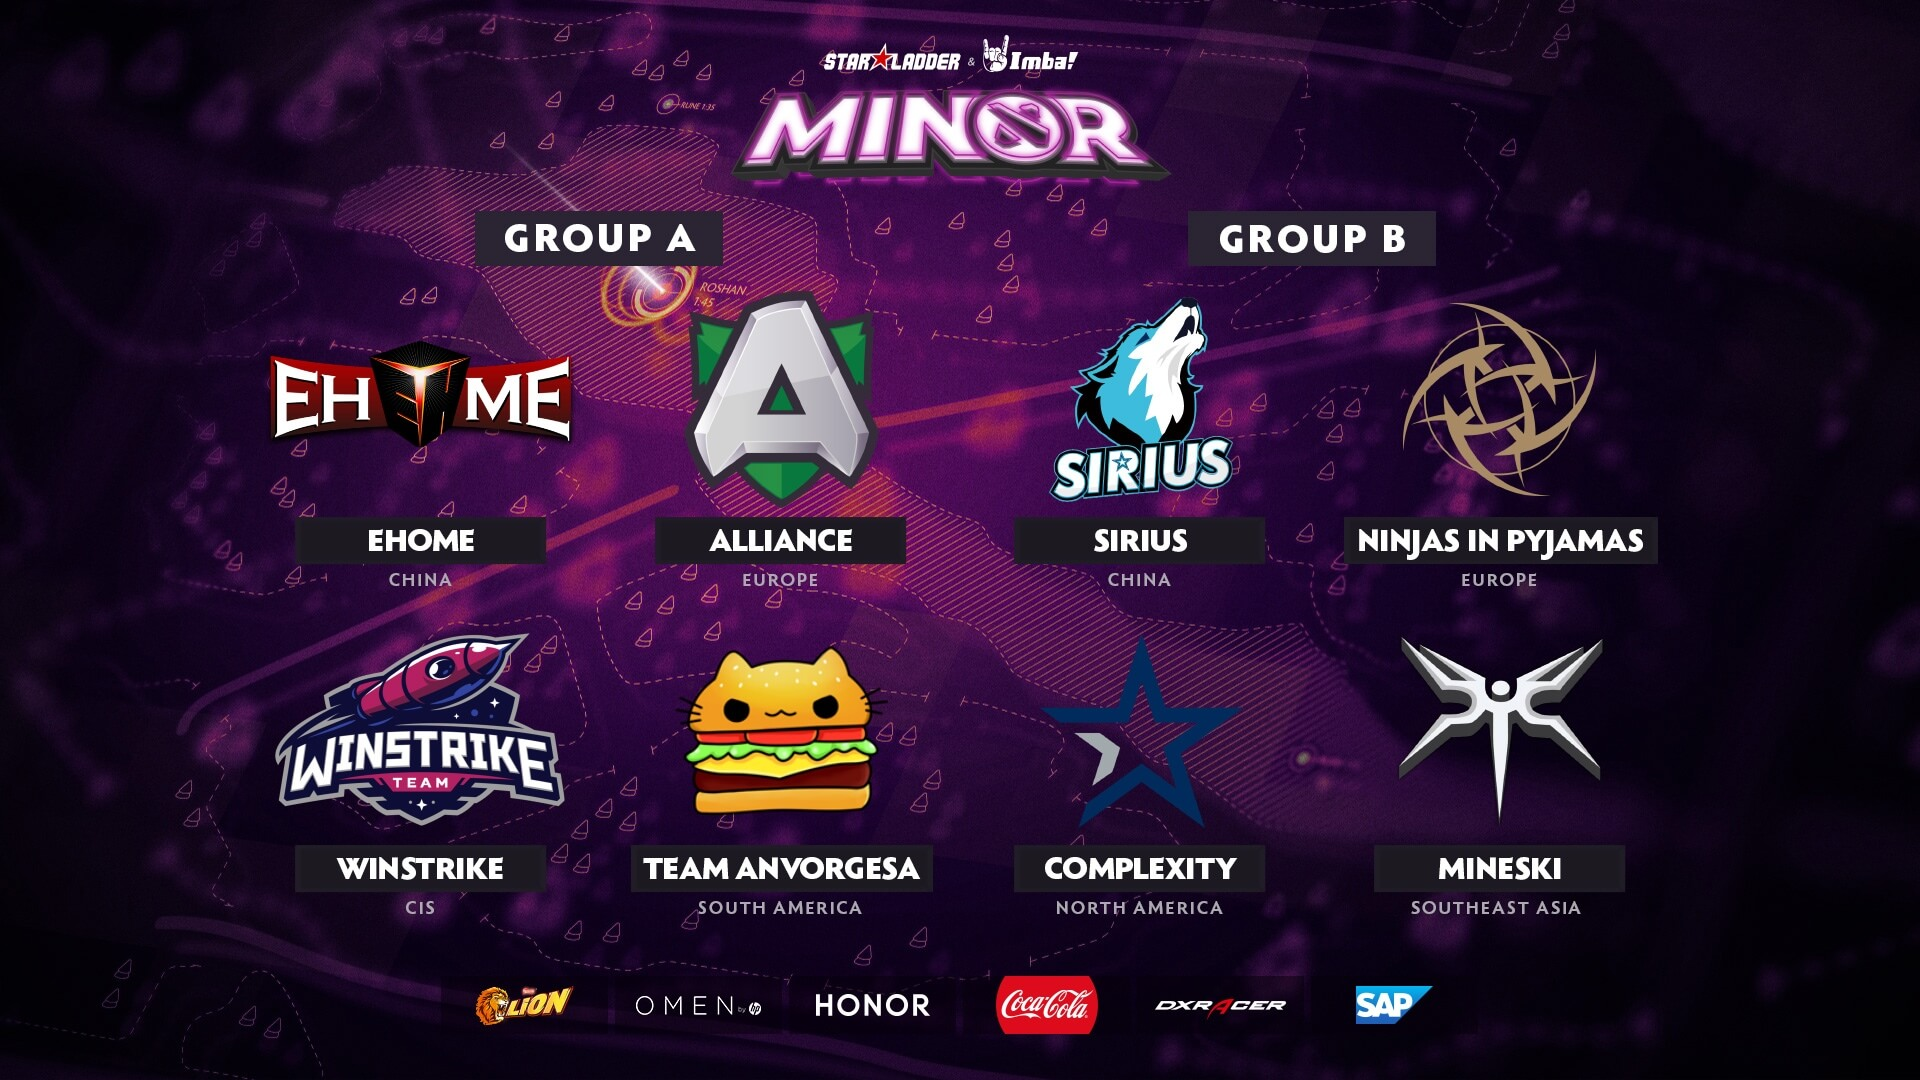 StarLadder ImbaTV Dota 2 Minor распределение команд по группам